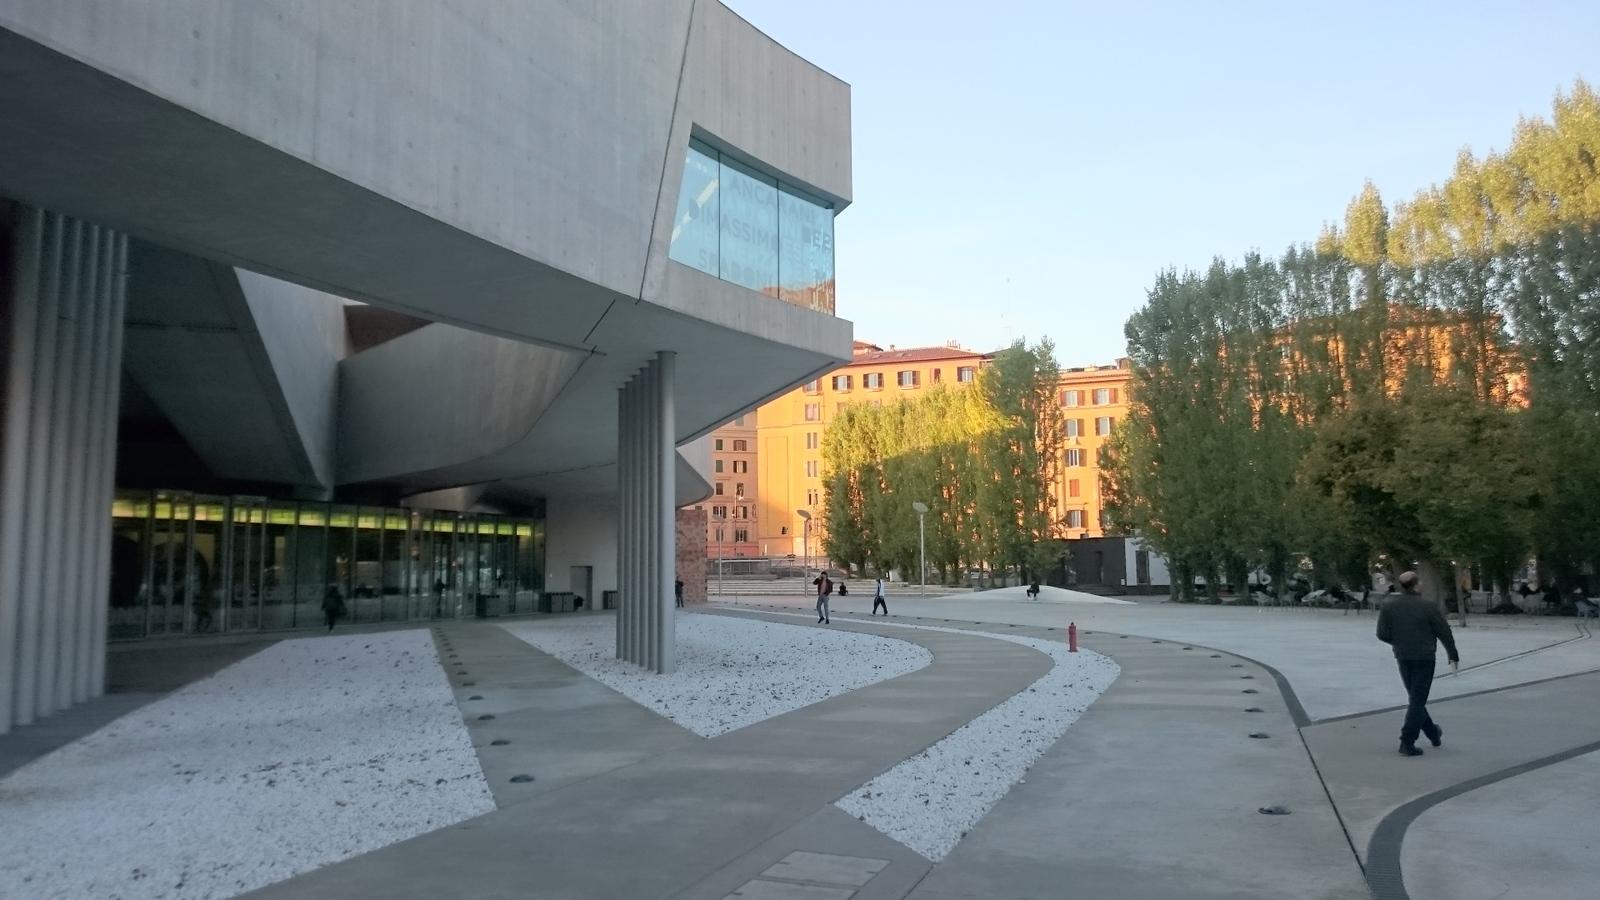 Der Platz vor dem MAXXI ist seit der Eröffnung ein beliebter öffentlicher Raum geworden